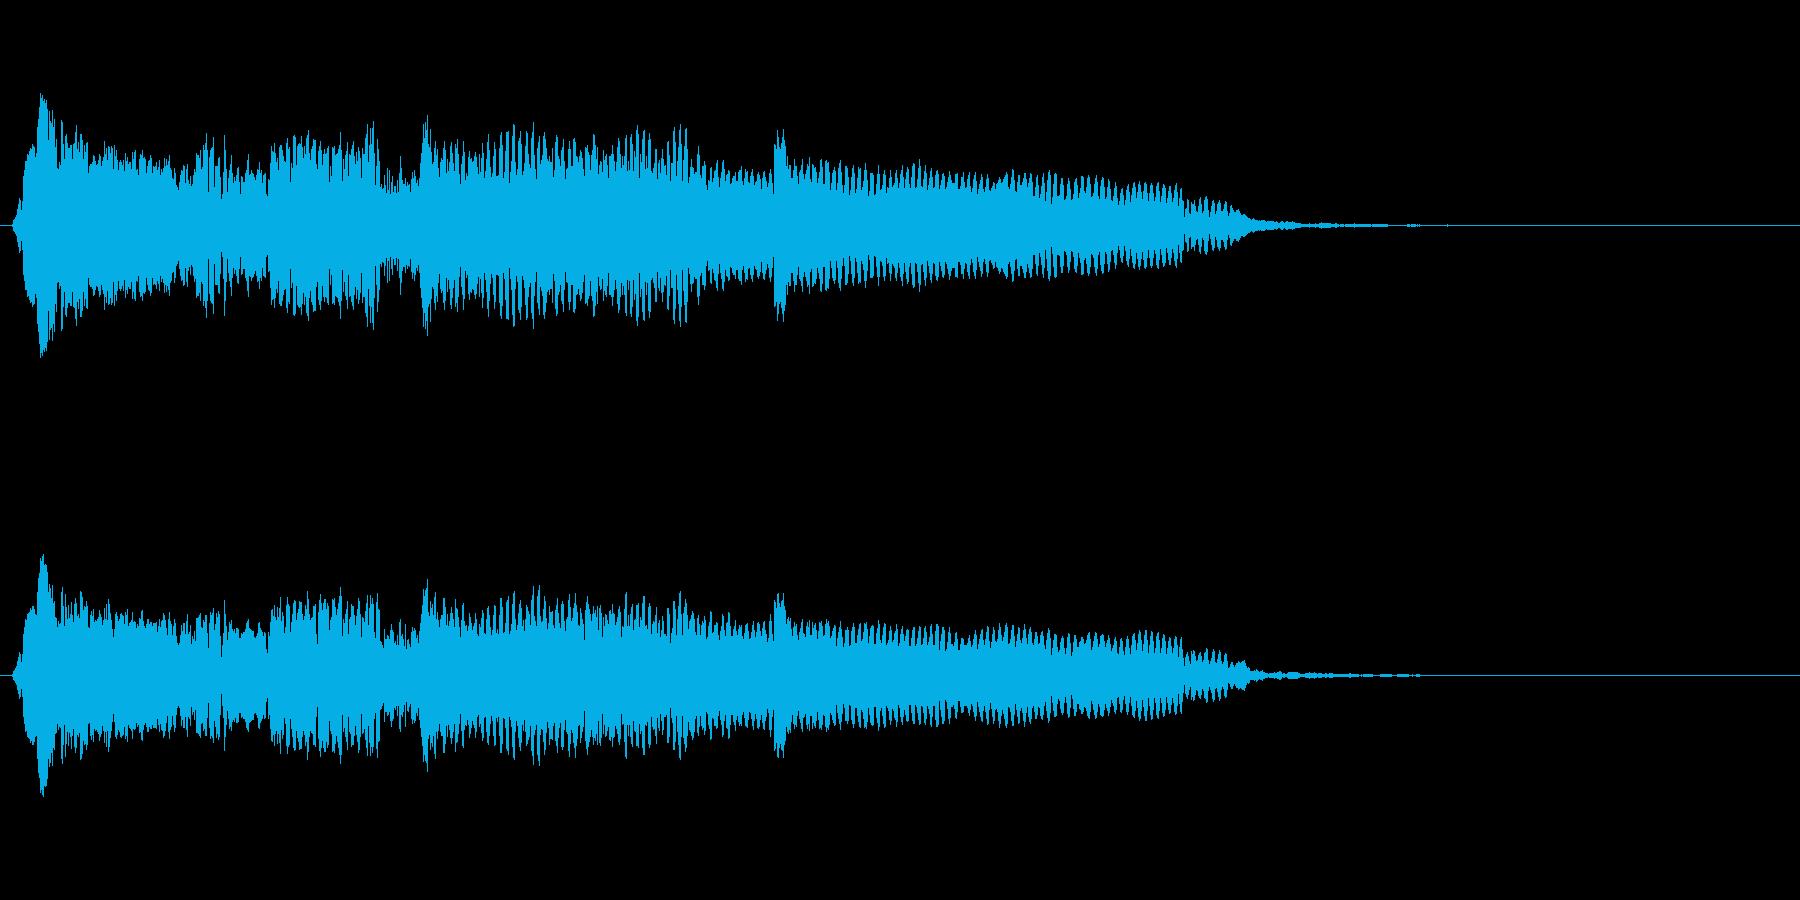 音侍SE「尺八フレーズ1」エニグマ音14の再生済みの波形